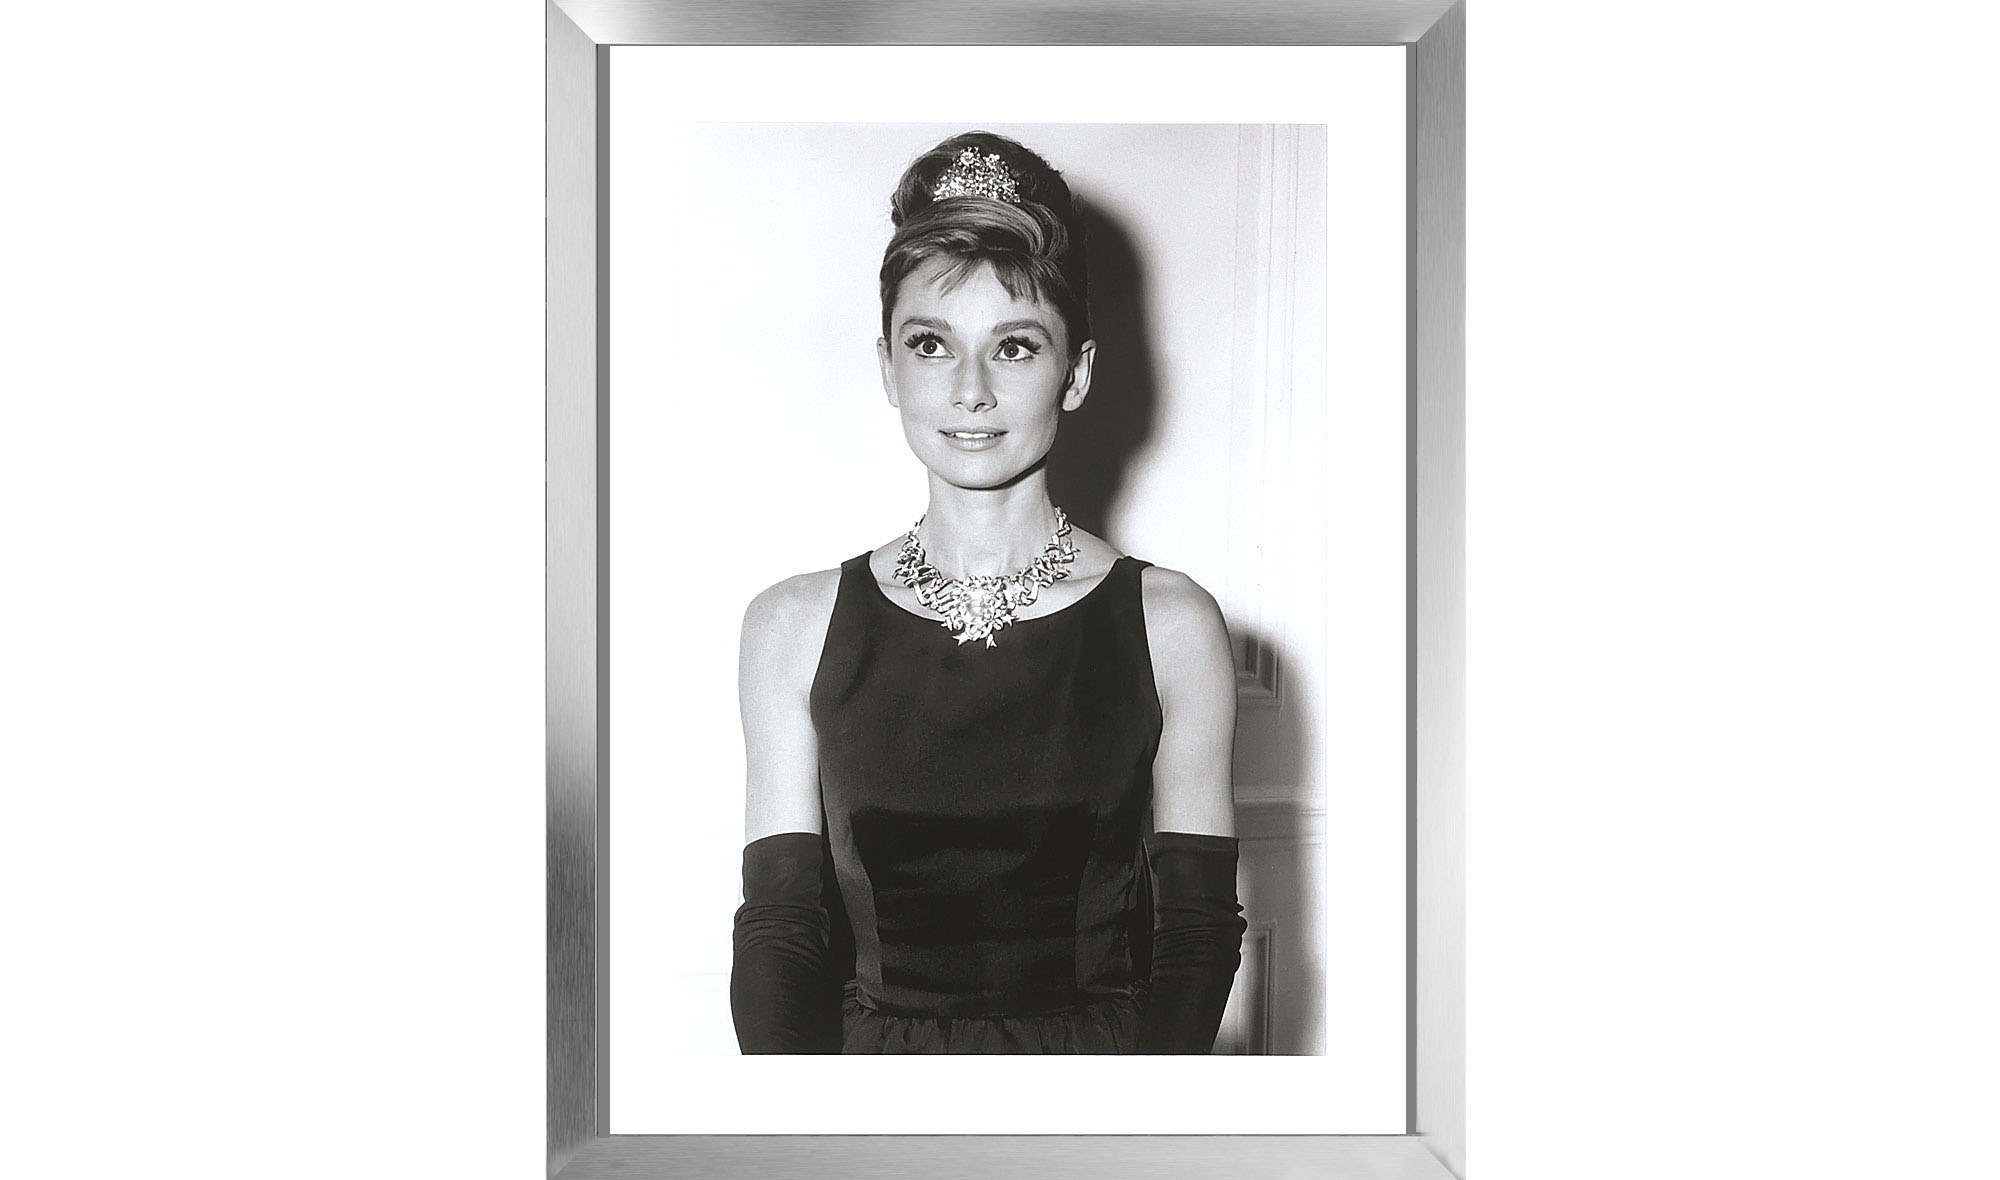 Hepburn Muebles - Cuadro Audrey Hepburn Con Tiara Marco En Aluminio De Lujo En [mjhdah]https://s-media-cache-ak0.pinimg.com/originals/5f/8a/1a/5f8a1a1c3de89df6aa4705a353dc447e.jpg